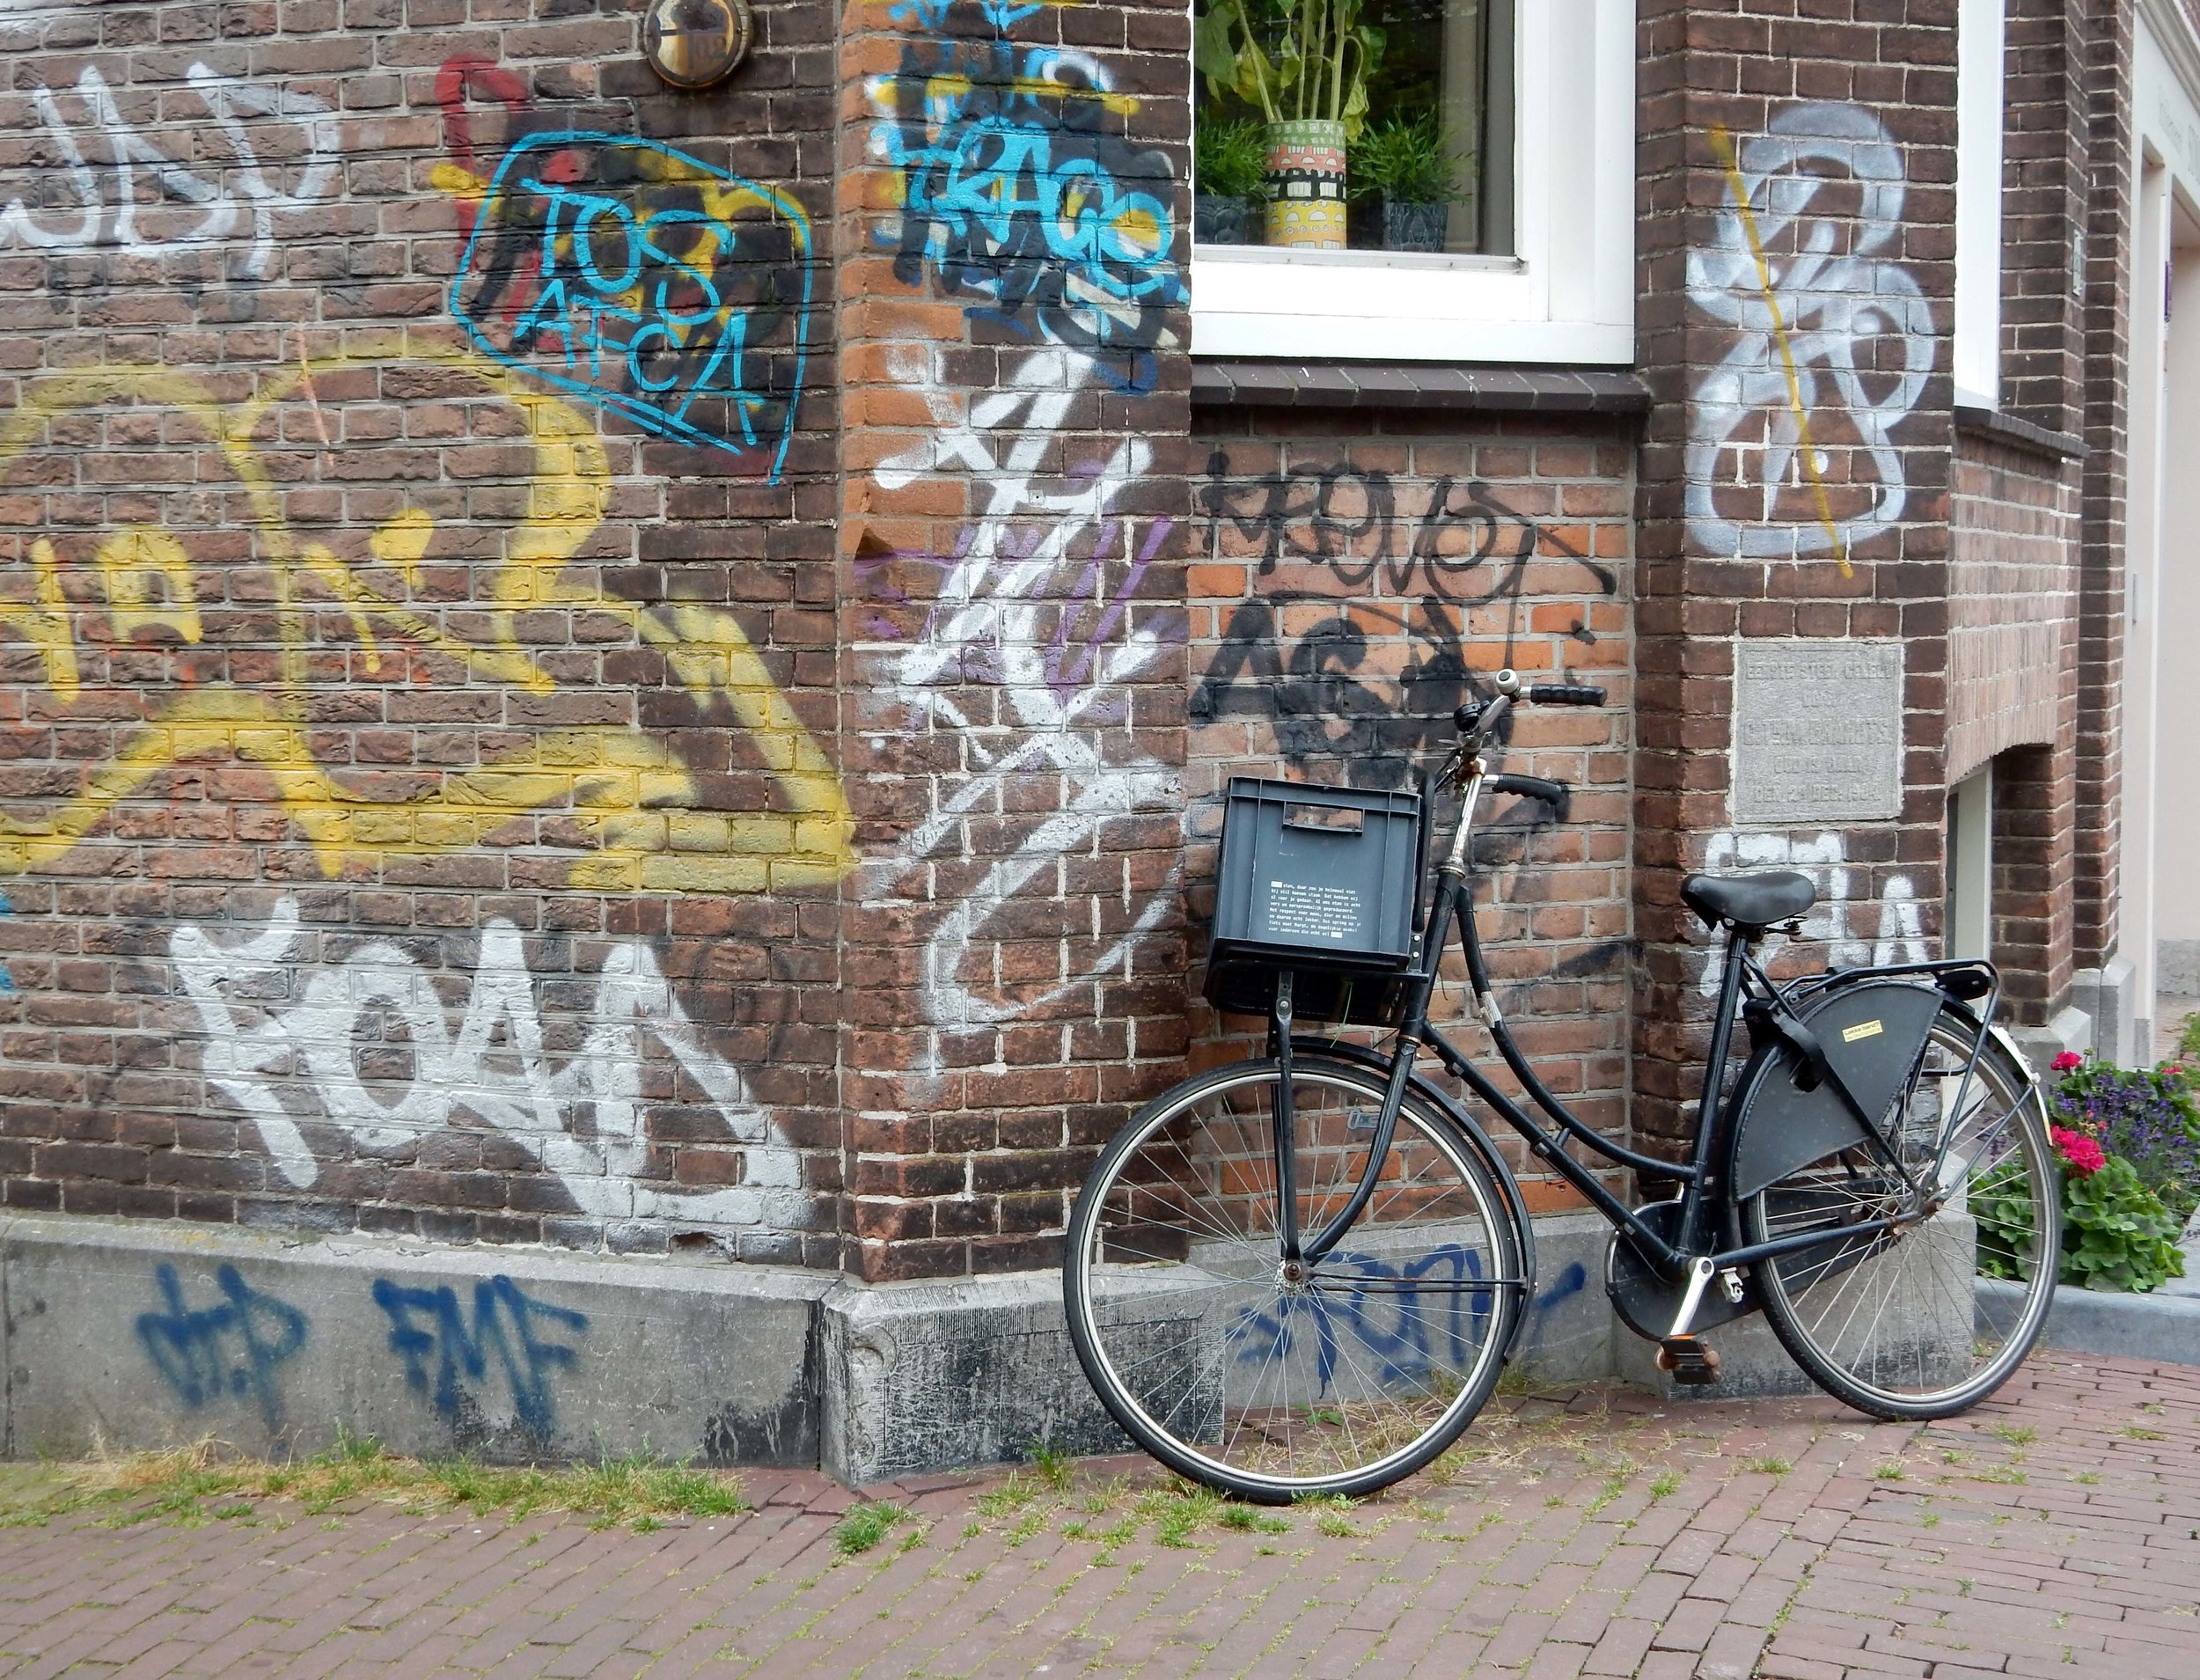 Graffitti Amsterdam Style